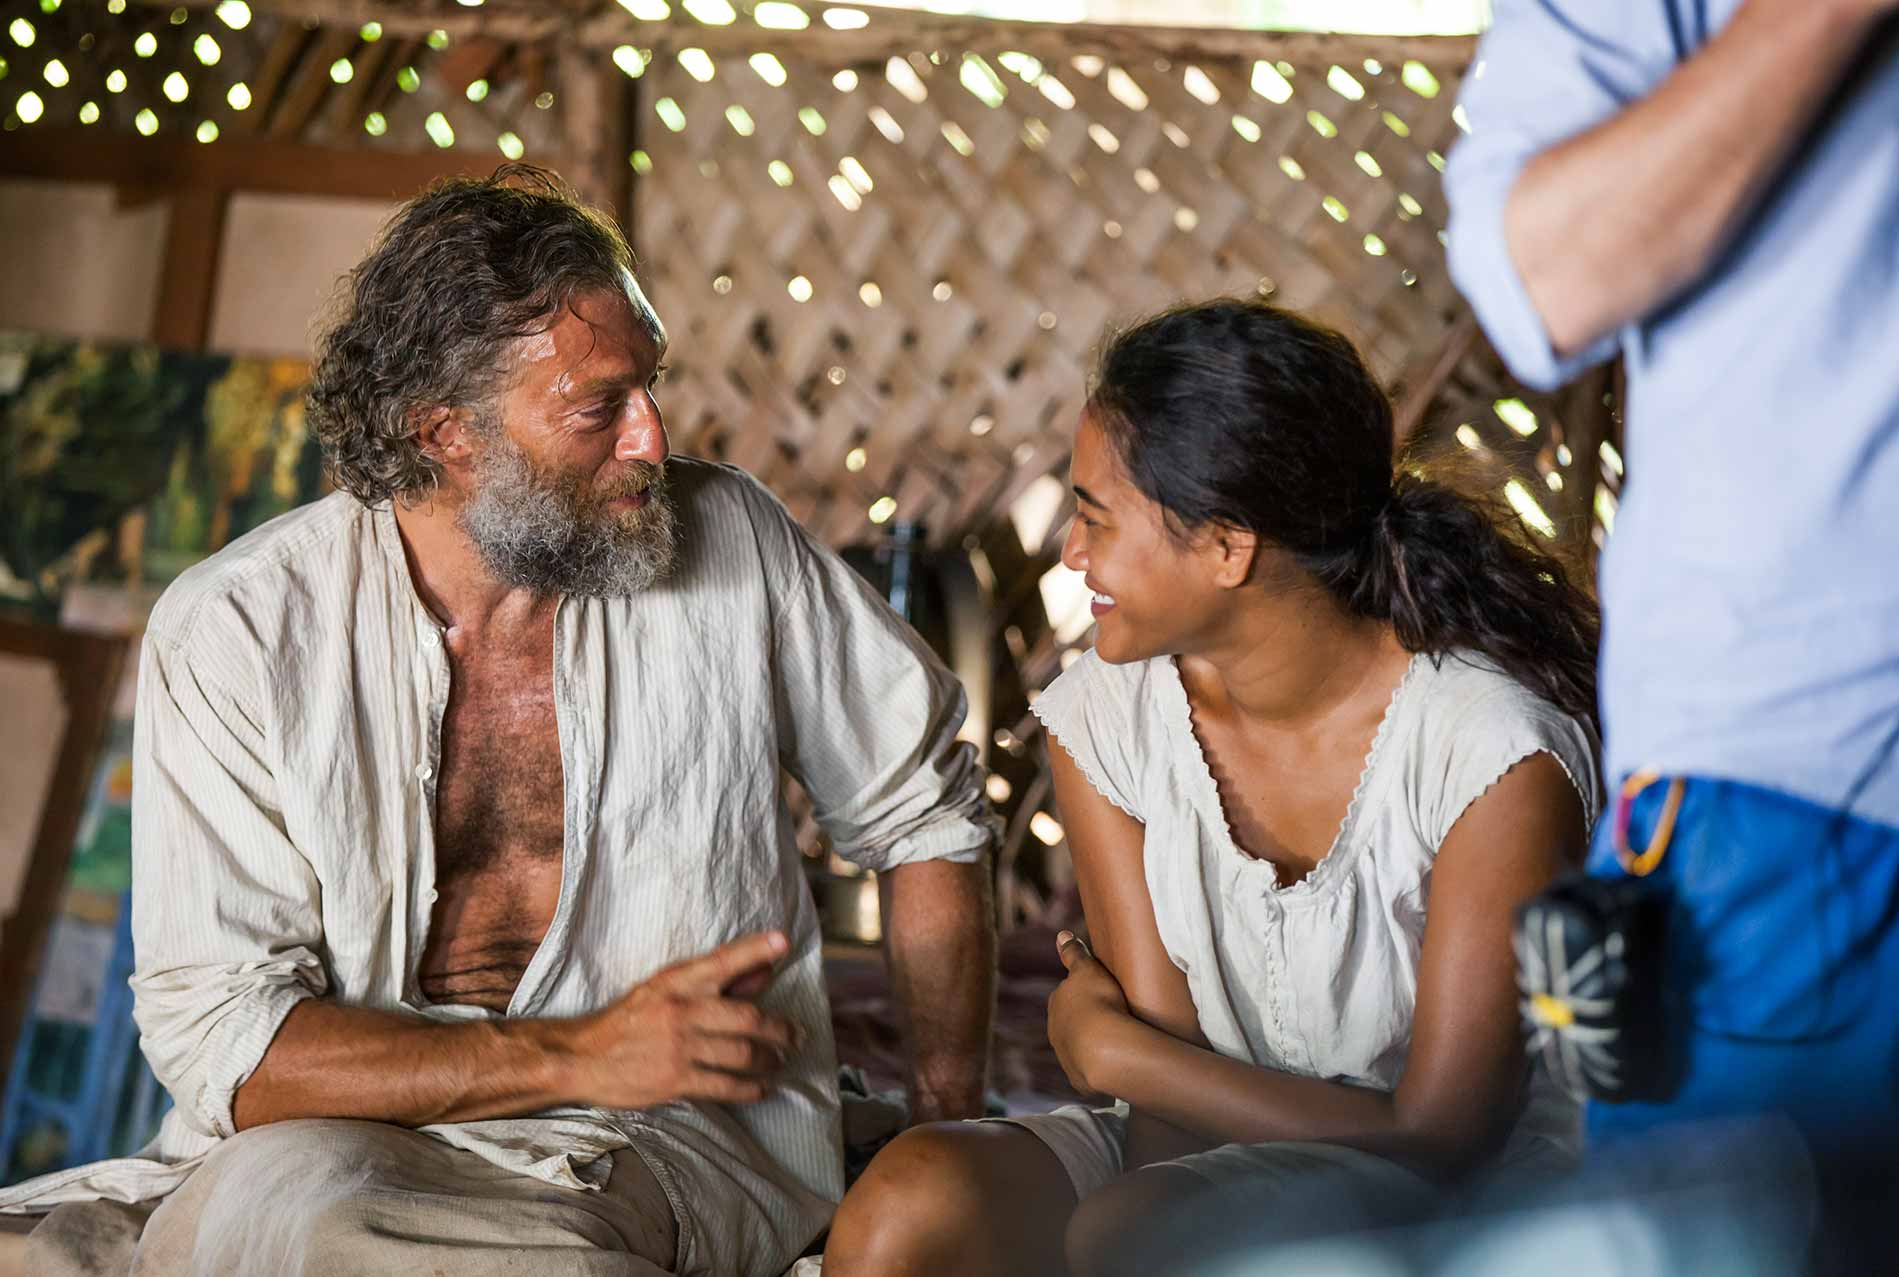 """Le film """"Gauguin - Voyage de Tahiti"""" a été essentiellement tourné sur la Presqu'île de Tahiti et à Moorea, en Polynésie française ©Welcome-Tahiti"""